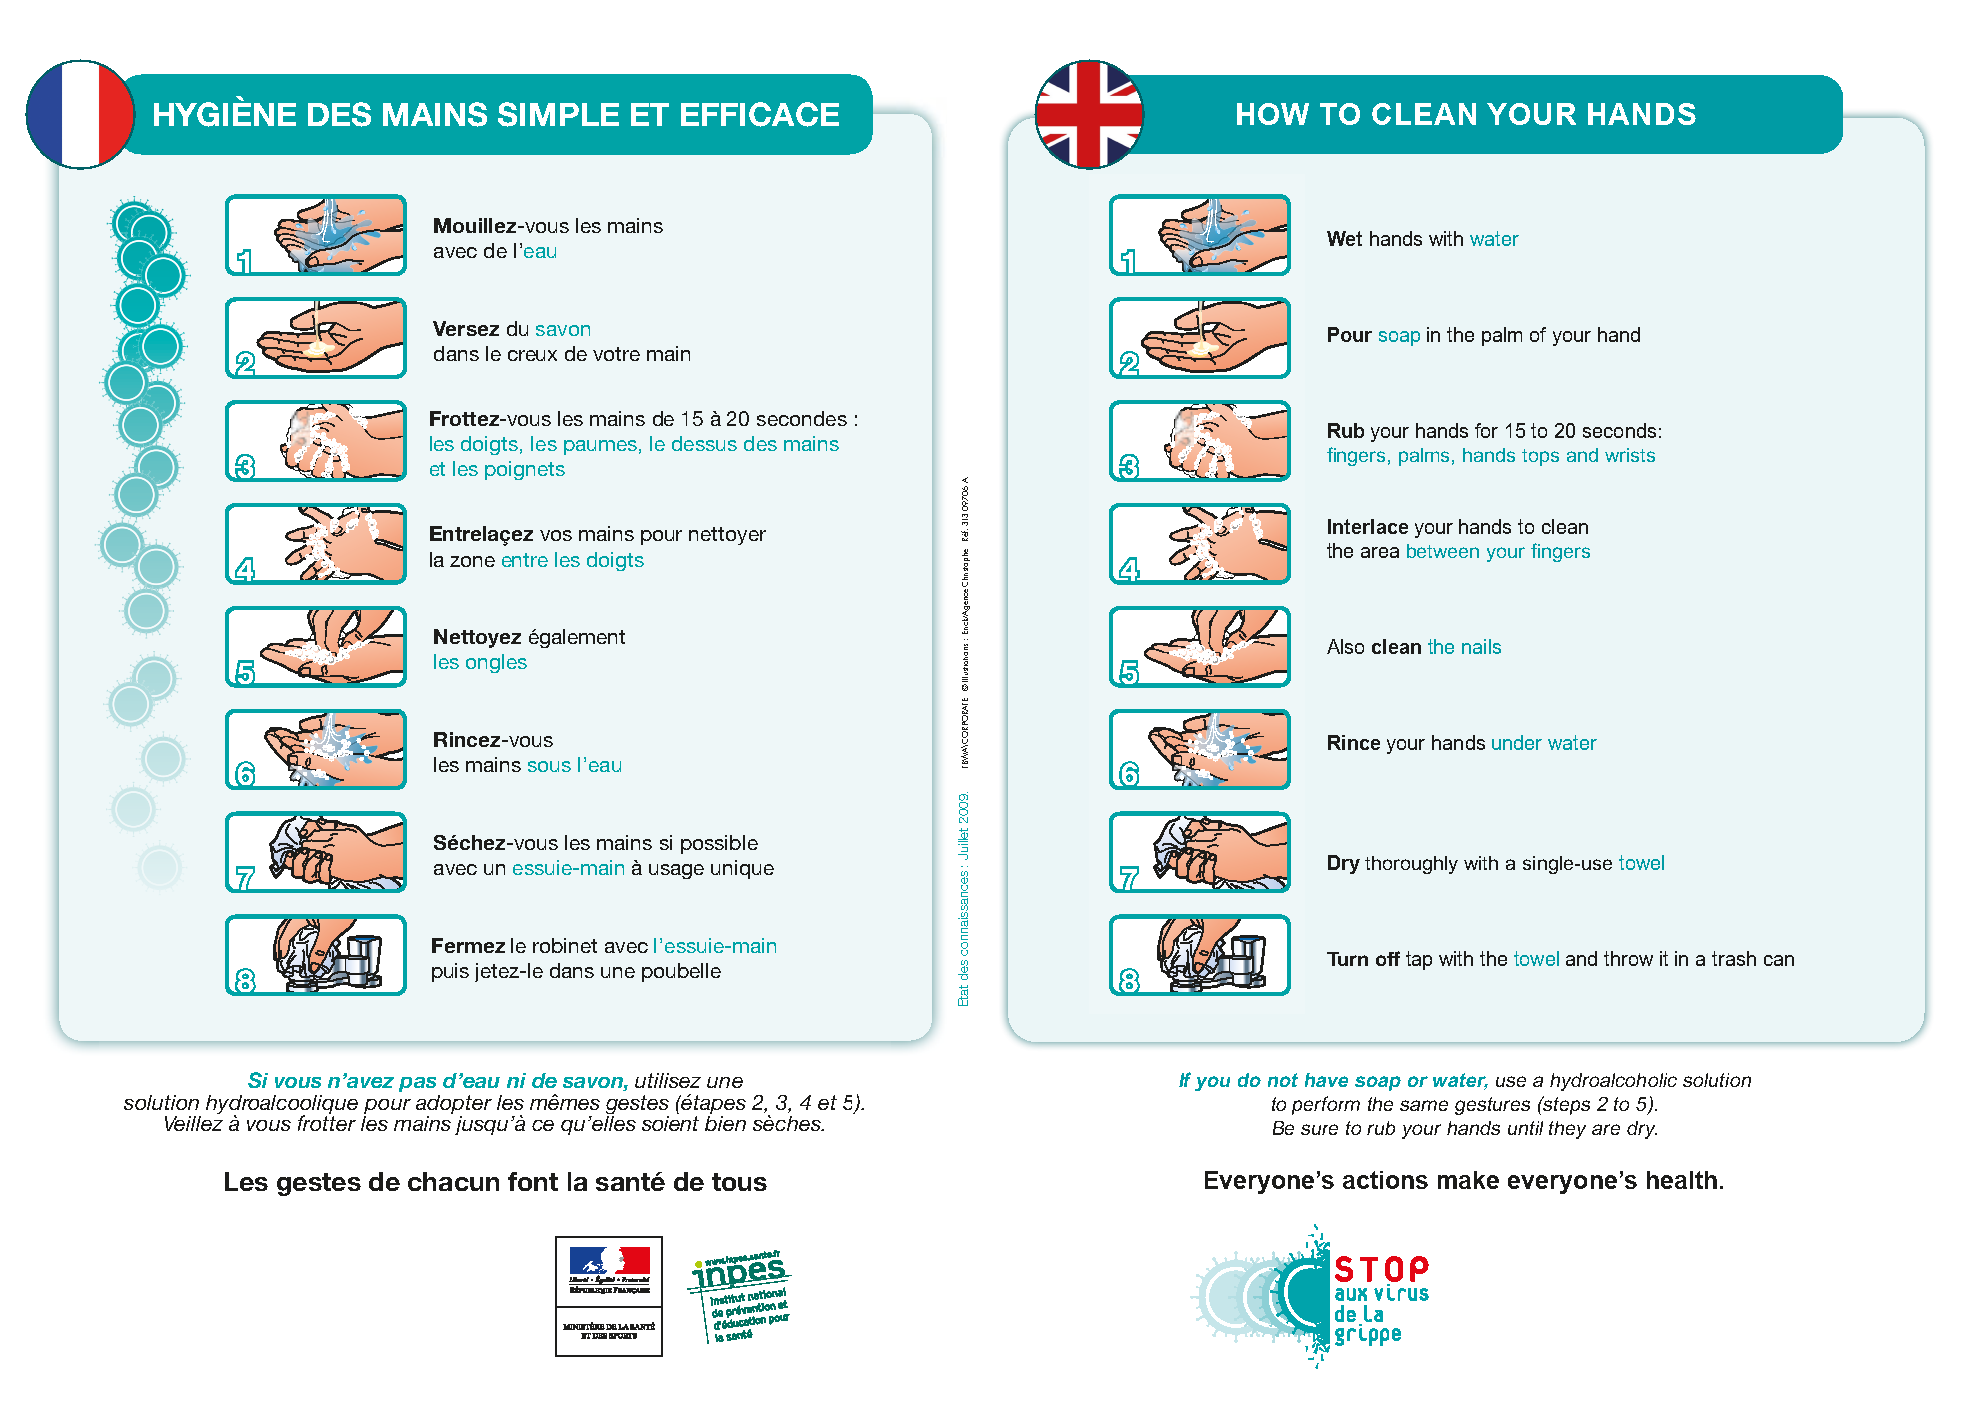 Affiche hygiène des mains